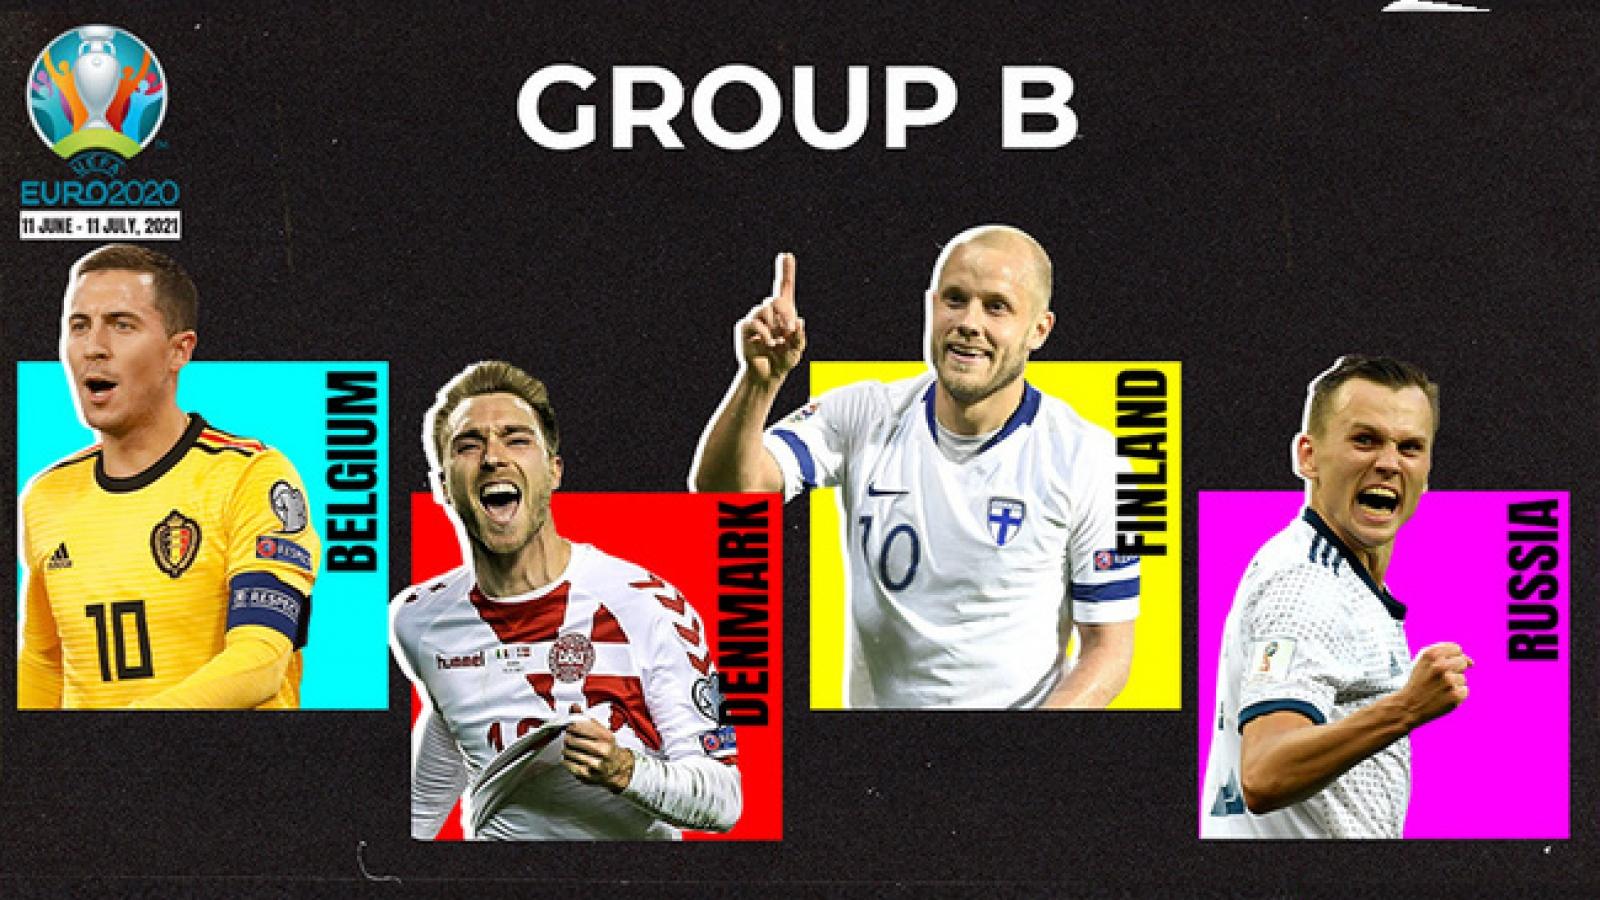 Lịch thi đấu bảng B - EURO 2020: Thử thách lớn dành cho ĐT Bỉ